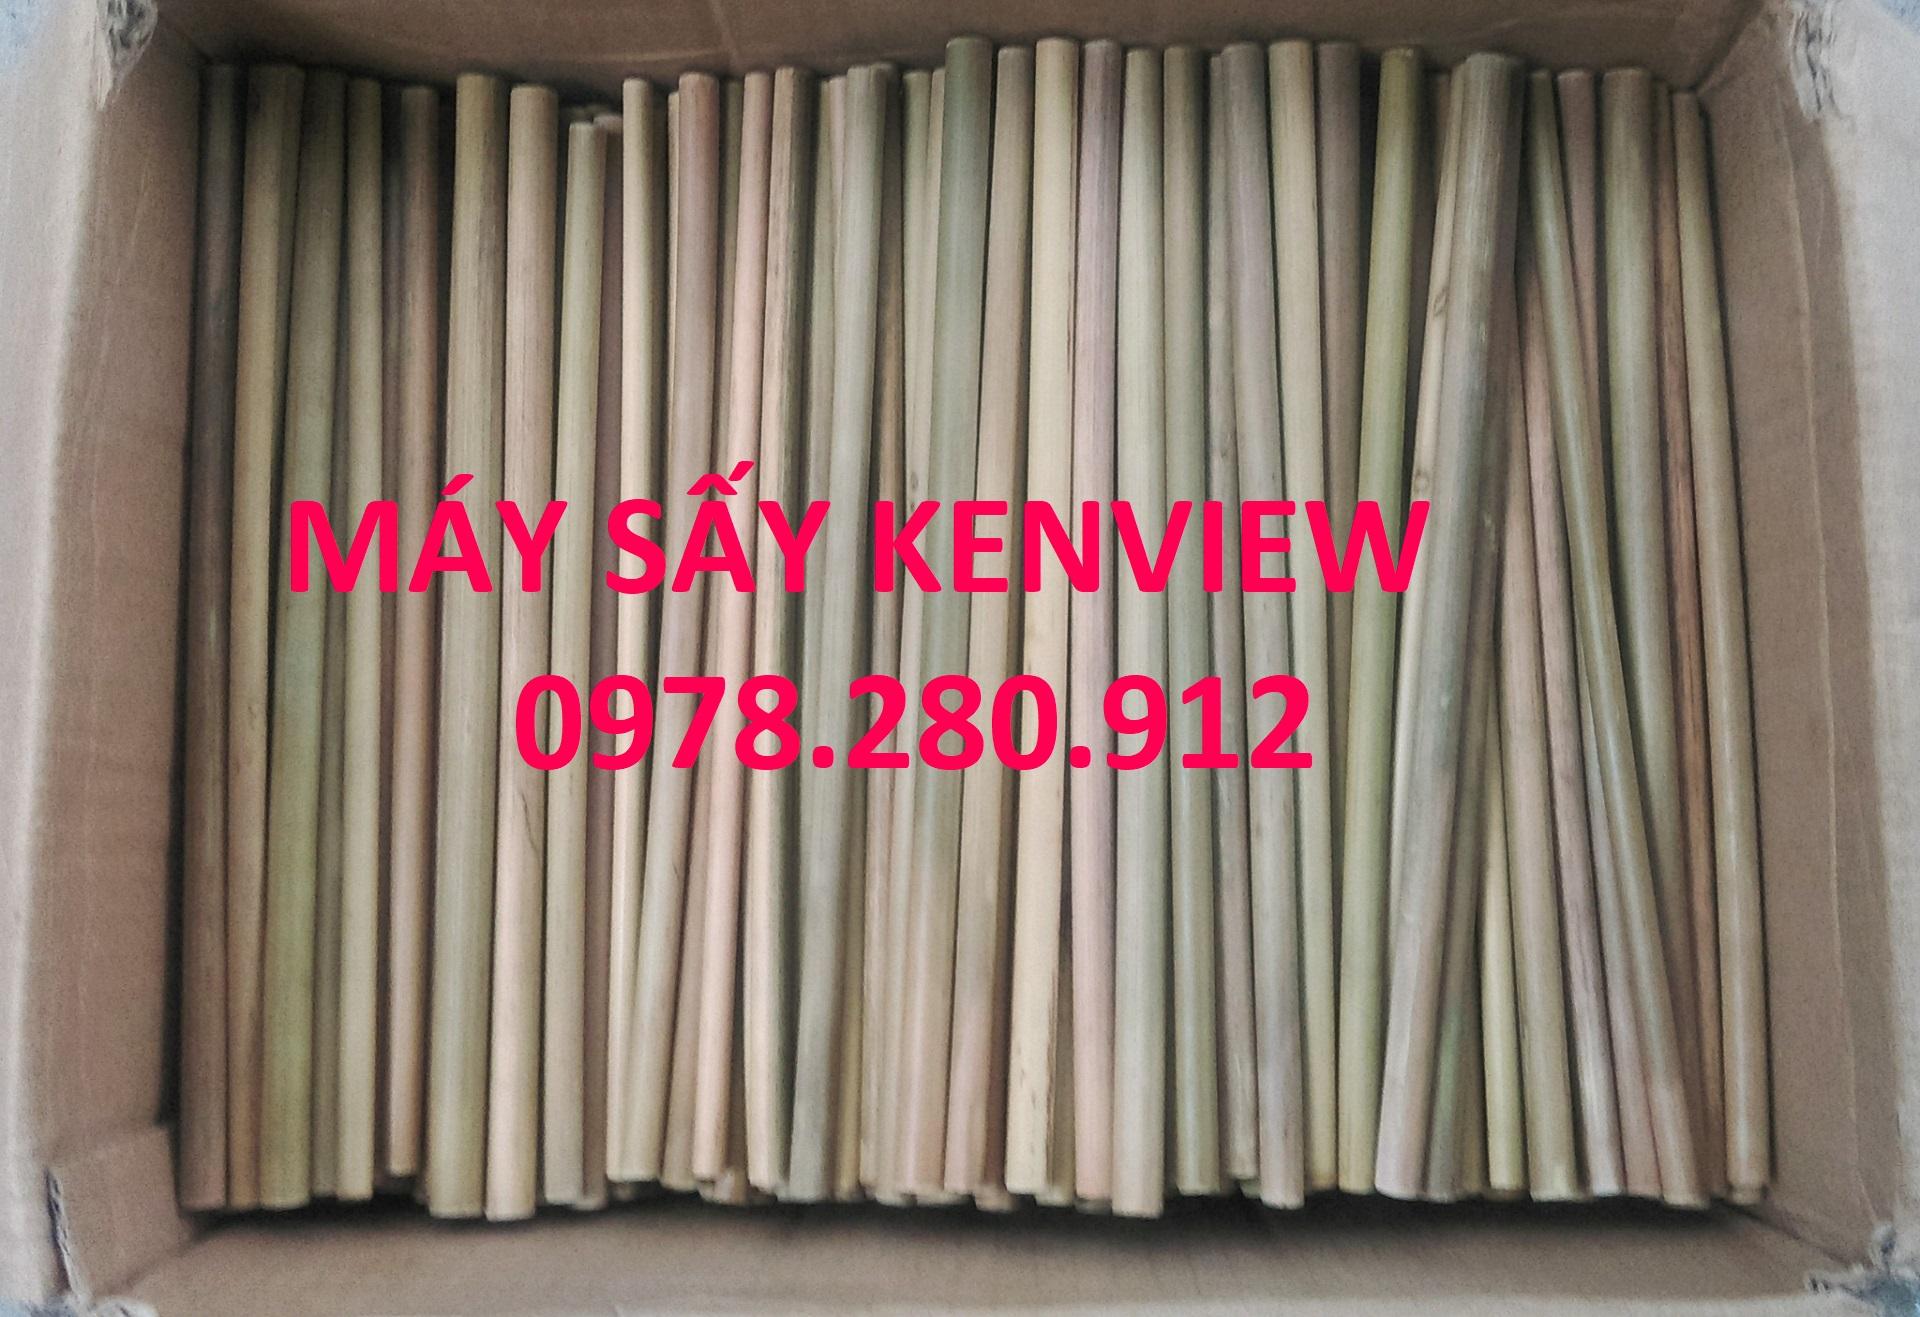 Kenview cung cấp máy sấy ống hút tre sậy tại Bến Tre. 0978.280.912